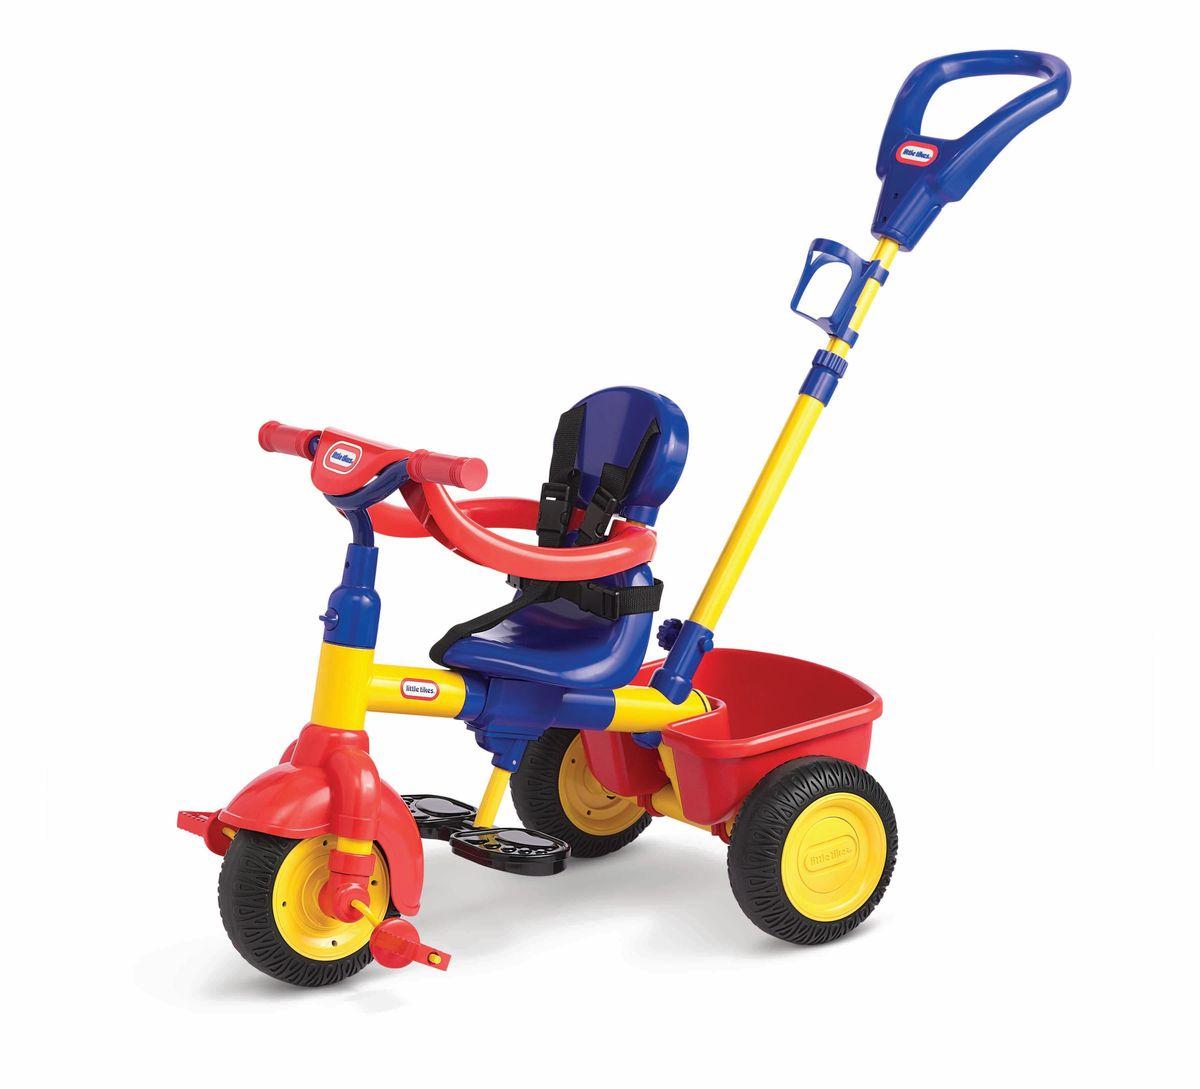 Little Tikes Велосипед детскийТ56792Удобное сиденье, 3 положения, открепляющаяся спинка, ремни безопасности, ограничитель (в дополнение к ремням безопасности, для 1-го этапа), держатель для бутылочки, корзина сзади, тент от солнца. Колёса из прорезиненного пластика. Прекрасный яркий. Велосипед трехколесный Little Tikes 3 в 1 предназначен для самых маленьких гонщиков. По мере взросления ребенка велосипед также будет менять свою модификацию. Когда малыш сможет самостоятельно управлять велосипедом, возможно убрать родительскую ручку, снять бортик безопасности и Little Tikes 3 в 1 превратится в обычный трехколесный велосипед.Характеристики модели:- для детей от 9 месяцев до 3 лет; - мягкие колеса EVA с протектором, изготовлены из PP (полипропилен) и EVA (этиленвинилацетат); - максимальный допустимый вес ребенка 23 кг; - устойчивый и безопасный; - сиденье со спинкой пластиковое; - материал пластик; - управление рулем; - корзинка для игрушек; - толстая прочная рама; - родительская ручка; - подвижный тент от солнца; - пятиточечные ремни безопасности; - подножка для ног; - нескользящие педали и ручки руля; - держатель для бутылочки; - максимальная нагрузка на корзину 2,3 кг; - размеры велосипеда 93 х 48 х 93 см.Какой велосипед выбрать? Статья OZON Гид